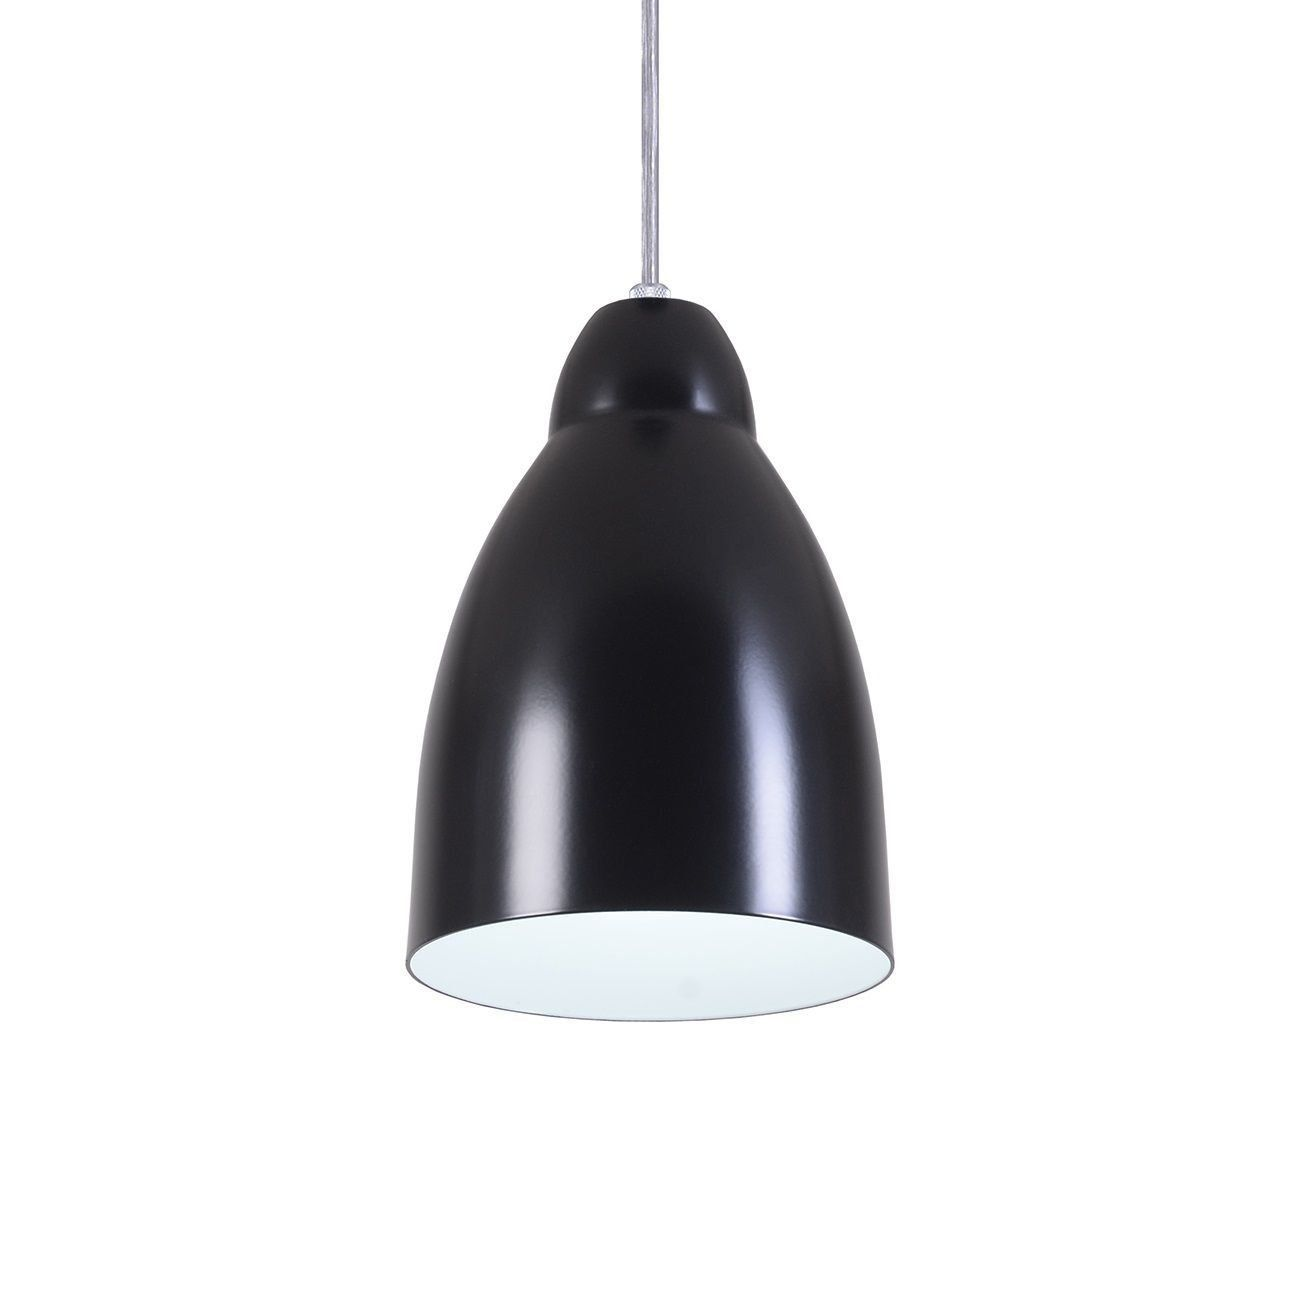 Pendente Bala Luminária Lustre Alumínio Preto Fosco - Rei Da Iluminação